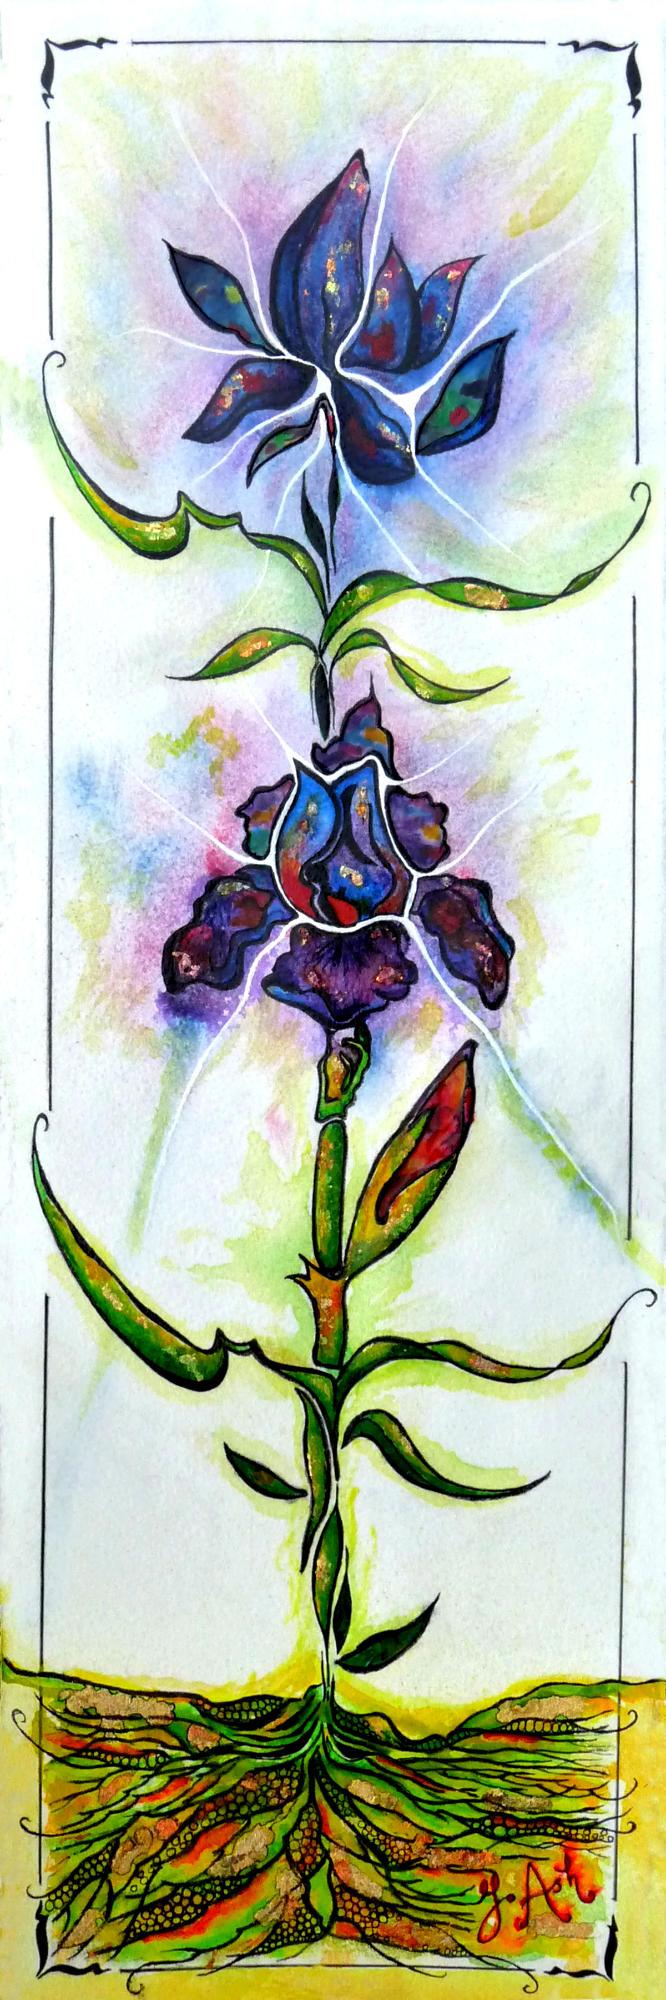 """<span style=""""color: #ff0000;""""><a style=""""color: #ff0000;"""" href=""""mailto:marie.laura@@videotron.ca?subject=Défi 15 dessins 15 semaines - Les iris bleus et mauves"""">Contacter l'artiste</a></span> Ginette Ash - Les iris bleus et mauves - 560 $ (transaction directement avec l'artiste) - techn. mixte sur papier Arches - 24x8 po encadré"""